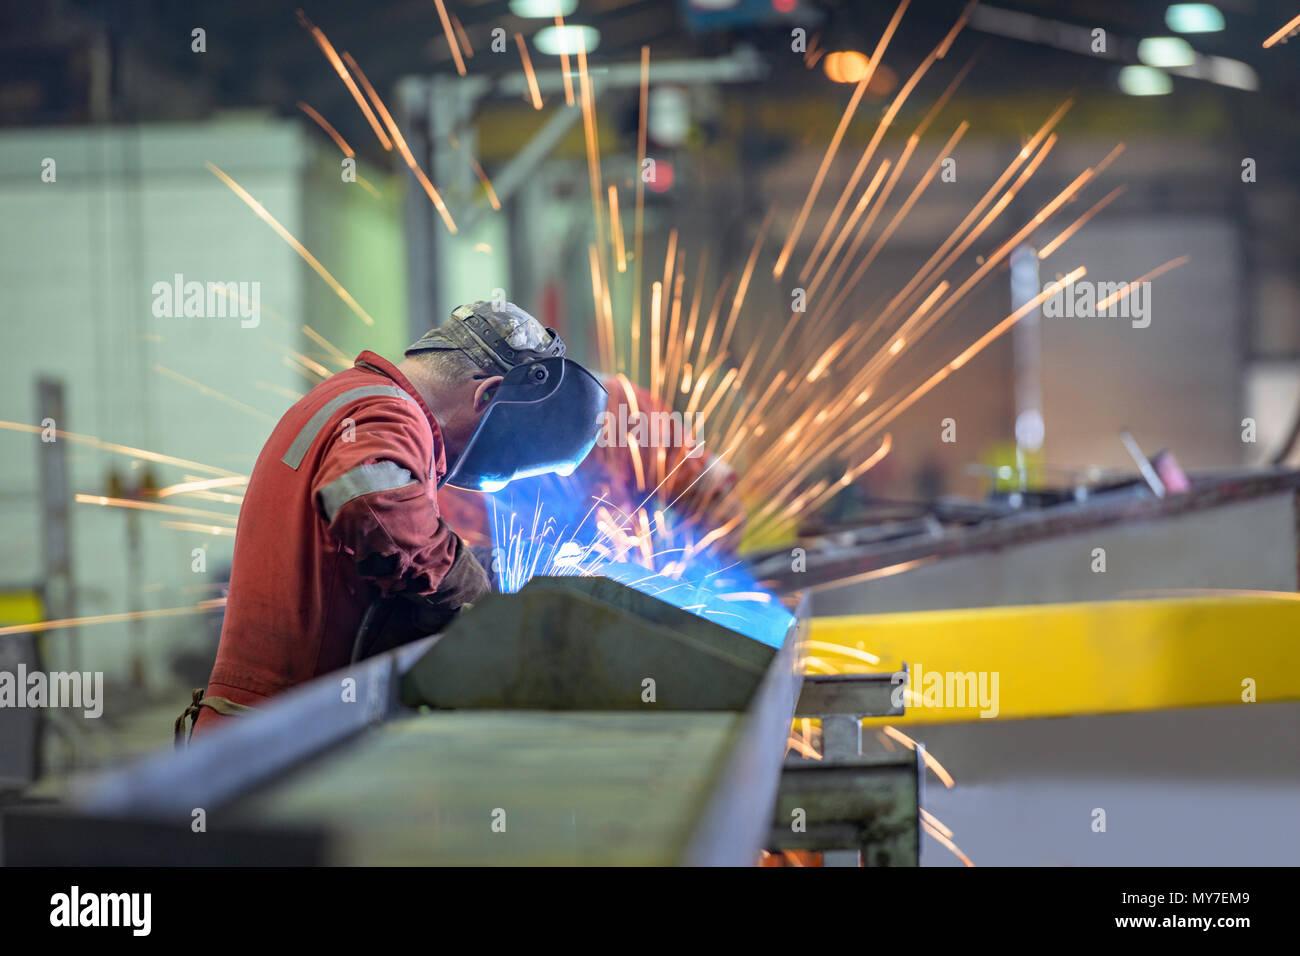 Schweißer mit Schleifer in Anhänger Fabrik Stockfoto